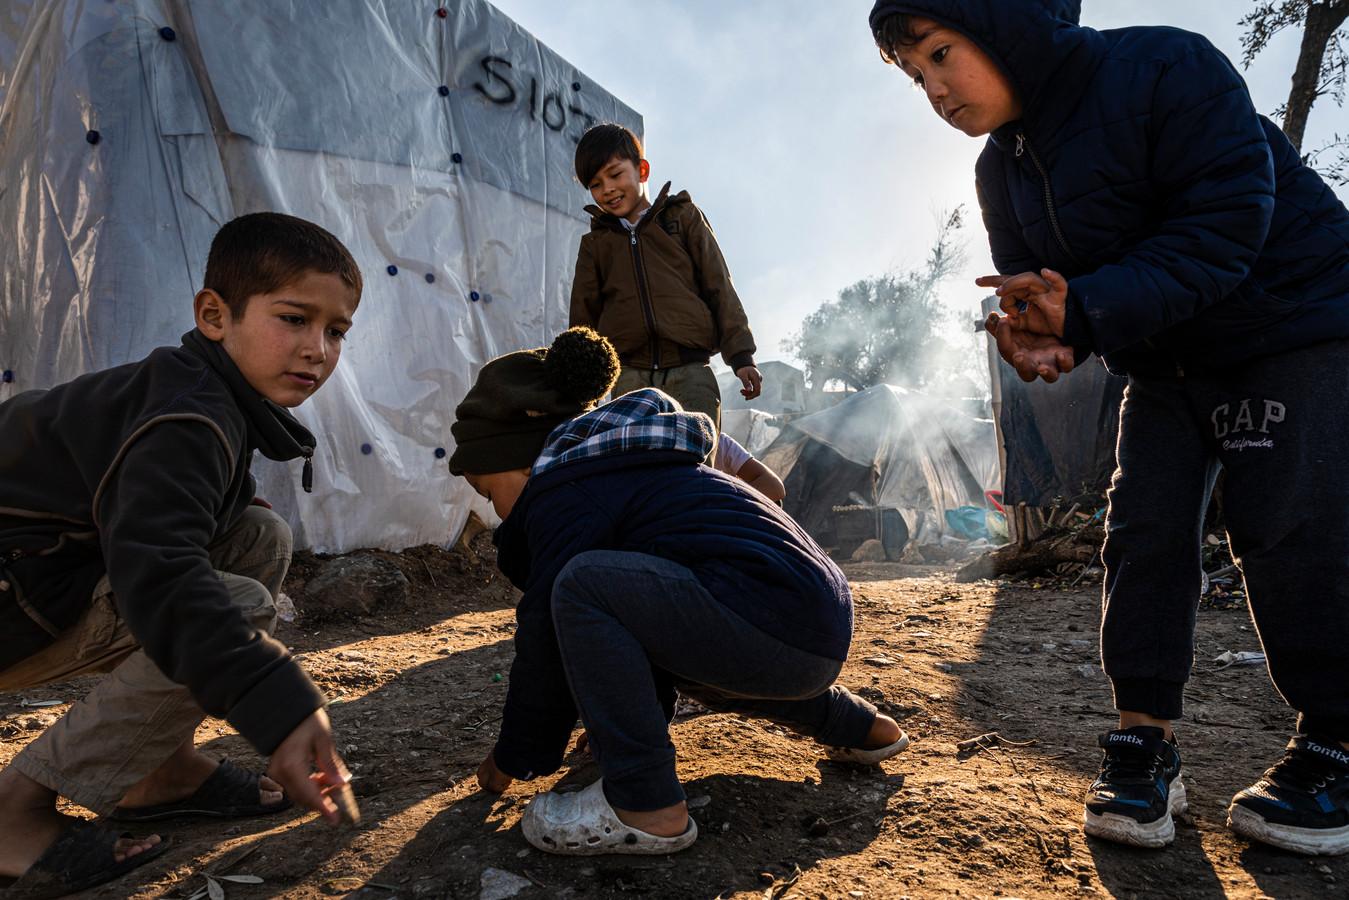 Griekenland, Lesbos, Kamp Moria. Momenteel zitten er naar schatting meer dan 20.000 vluchtelingen op het Griekse eiland Lesbos. Kinderen zijn aan het spelen met knikkers.